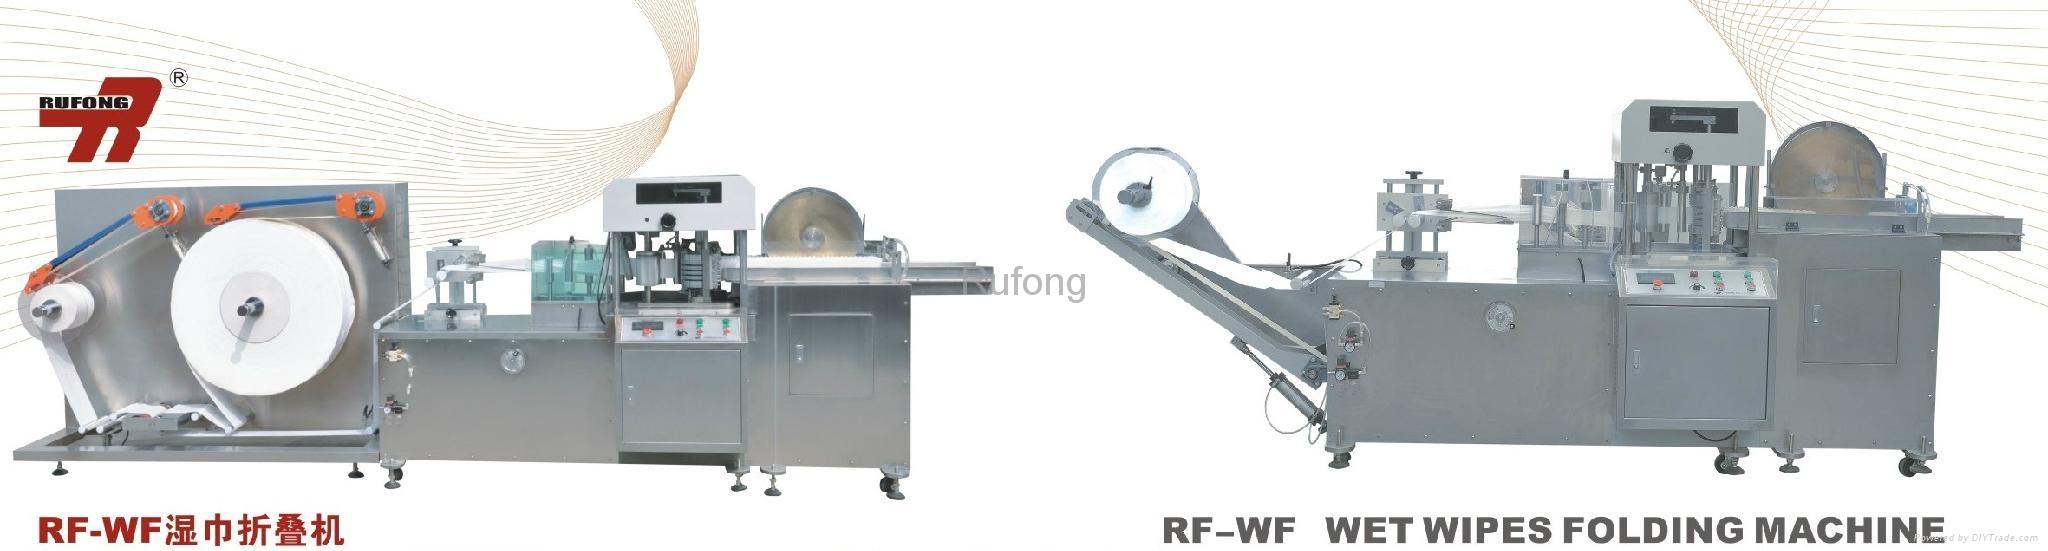 RF-WF Wet Wipes Folding Machine 3